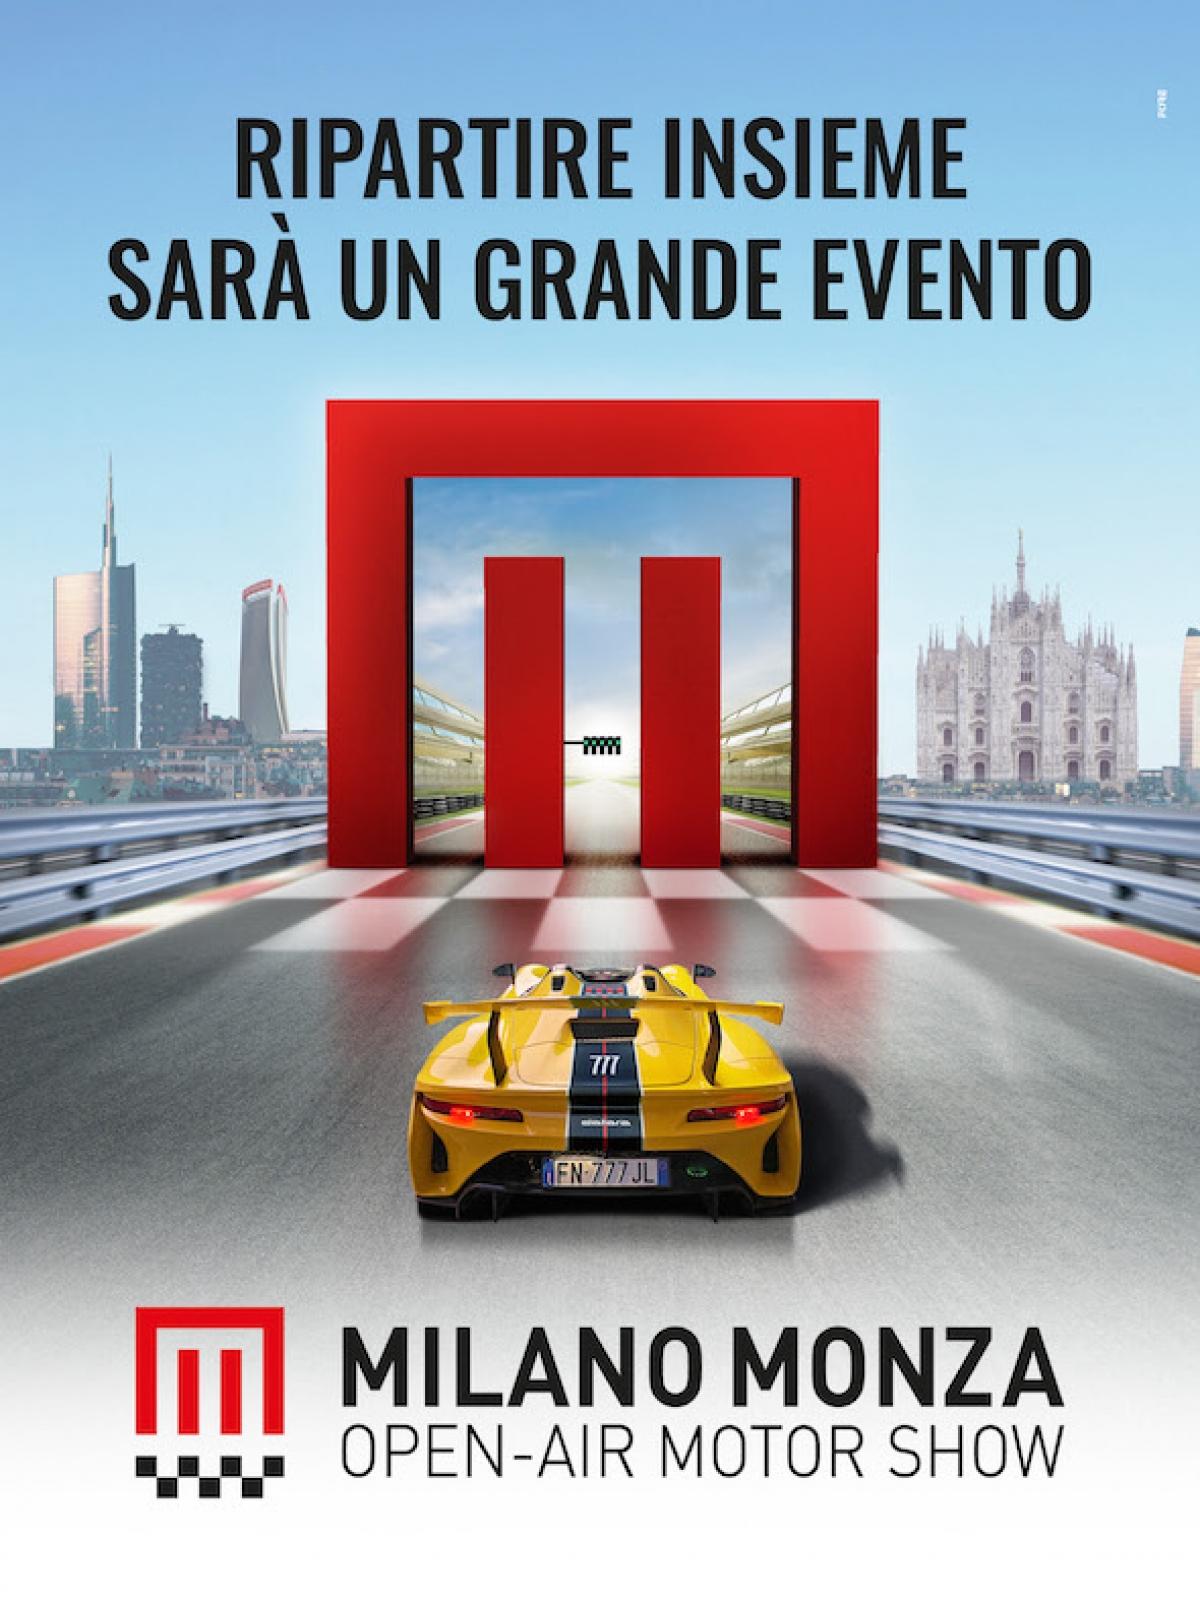 Ripartire insieme sarà un grande evento - la campagna di Milano Monza Motor Show